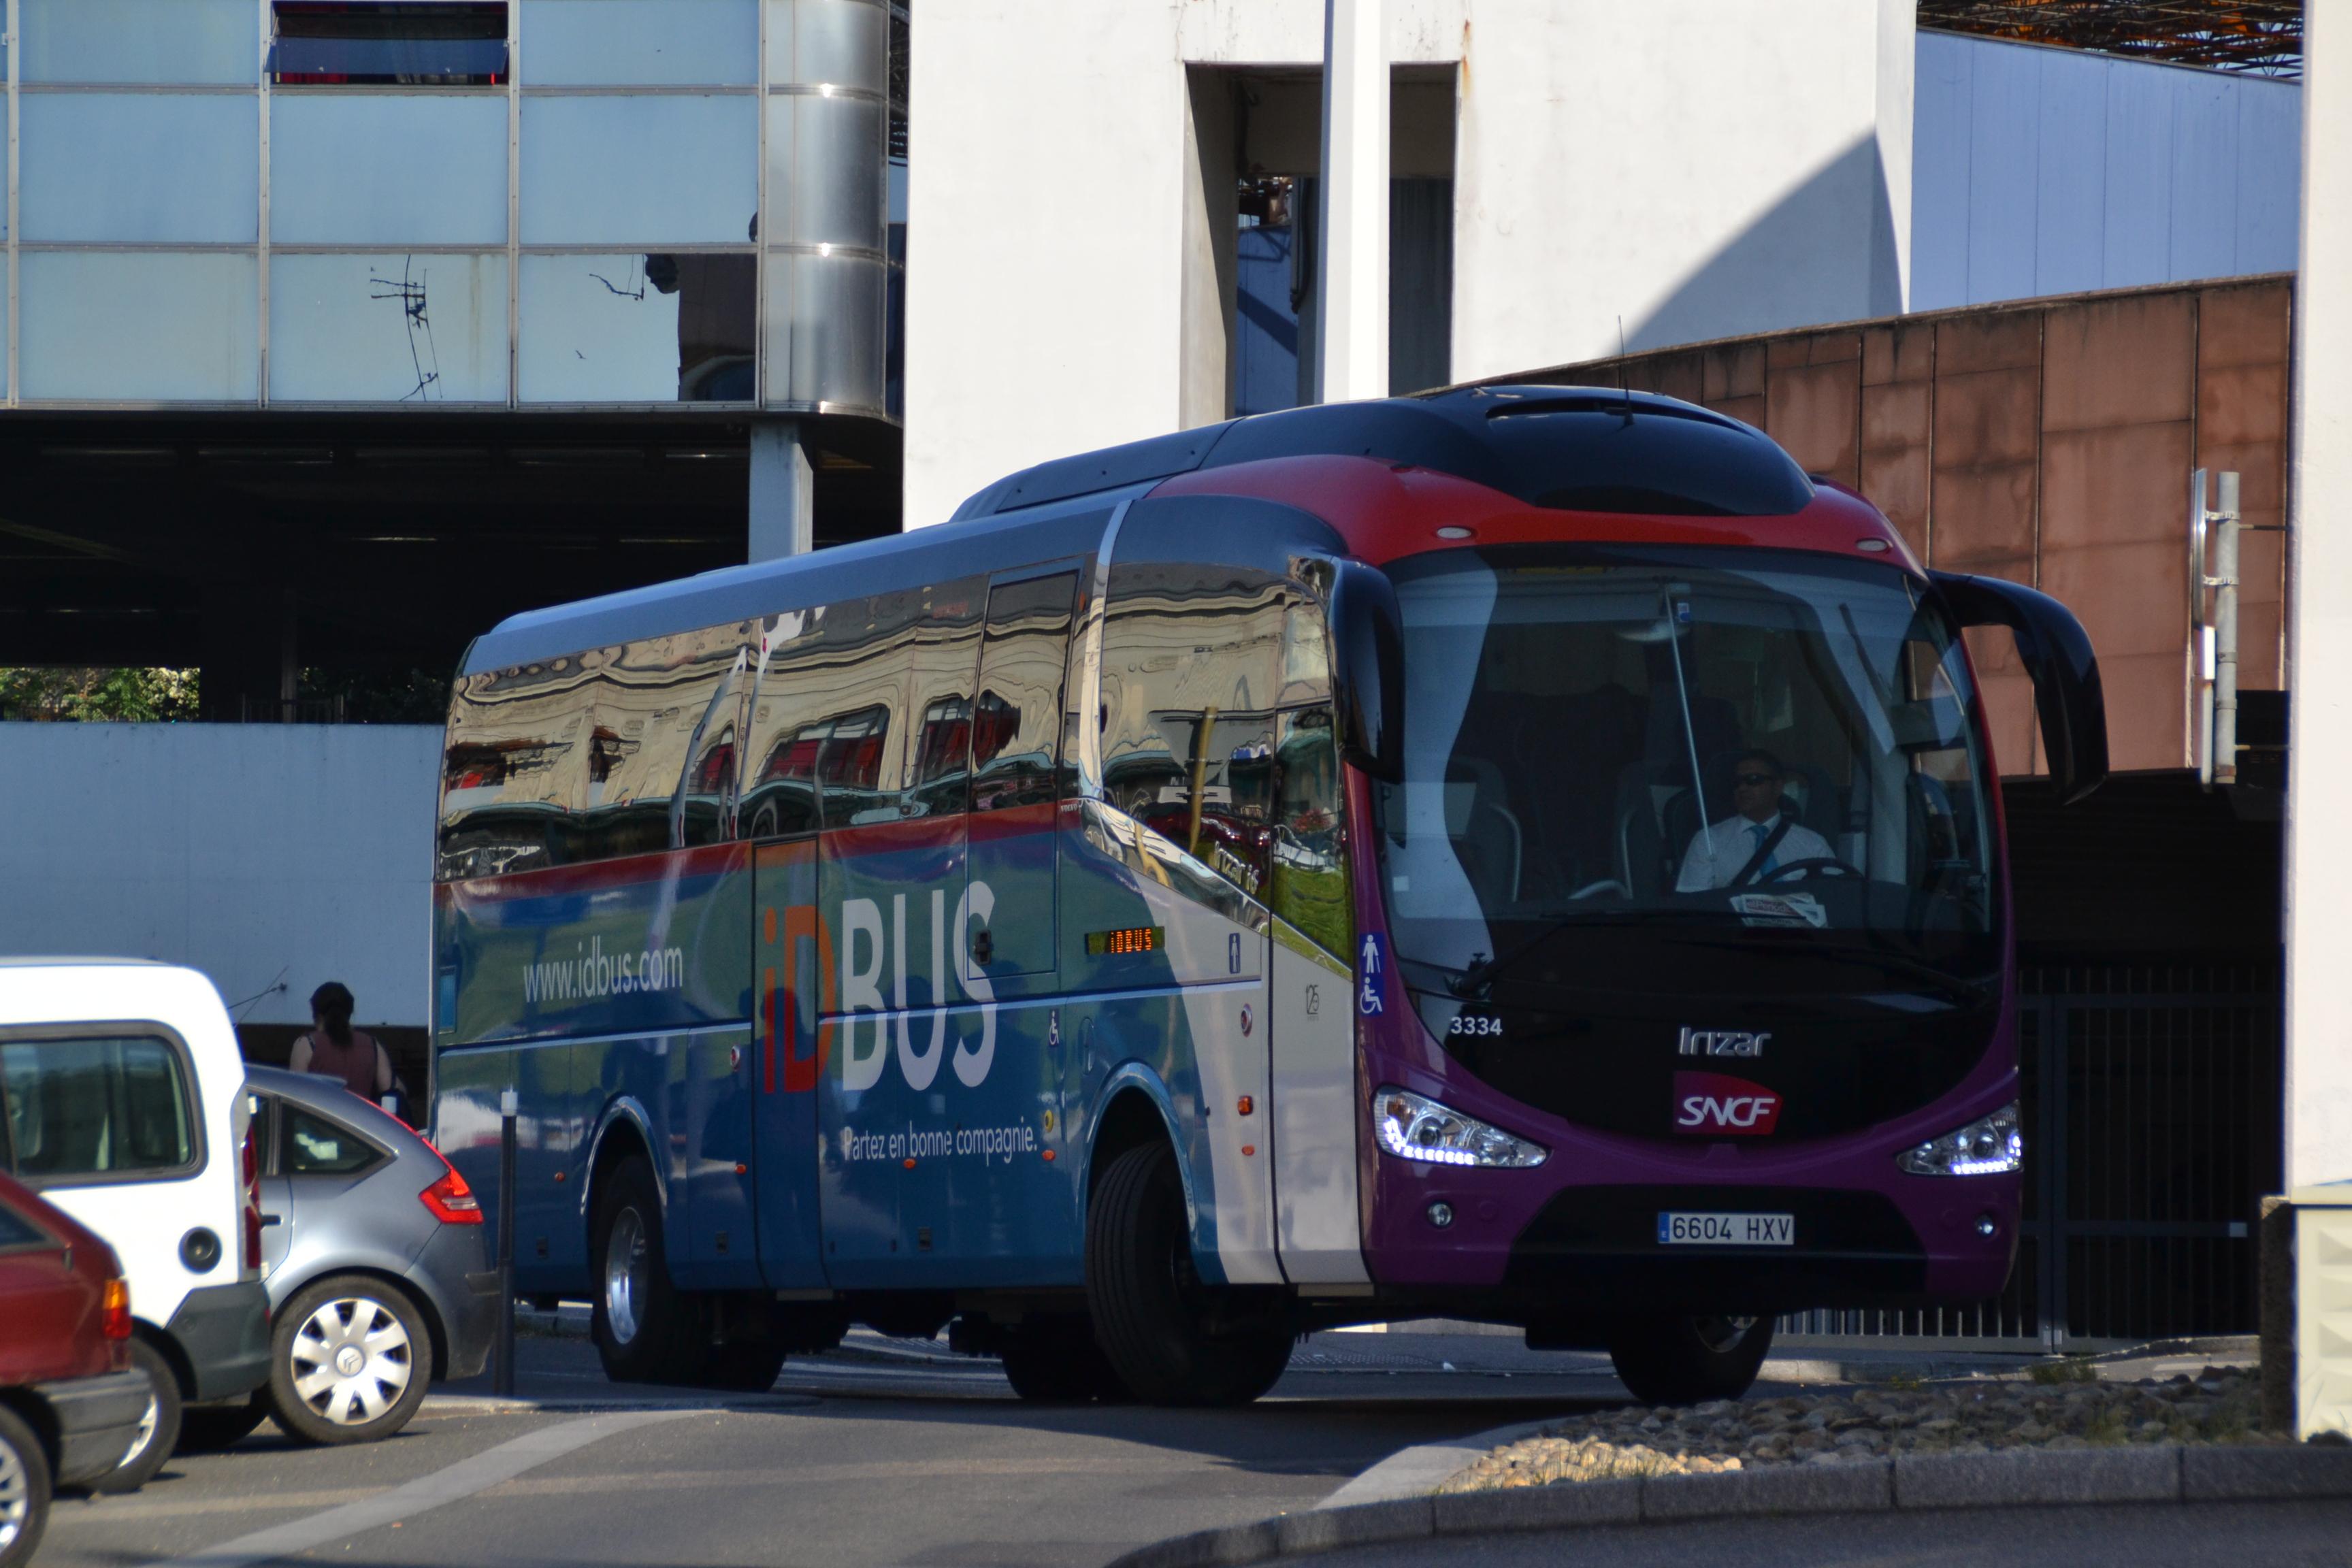 Idbus tend son offre la passion des autobus et autocars for Ouibus interieur